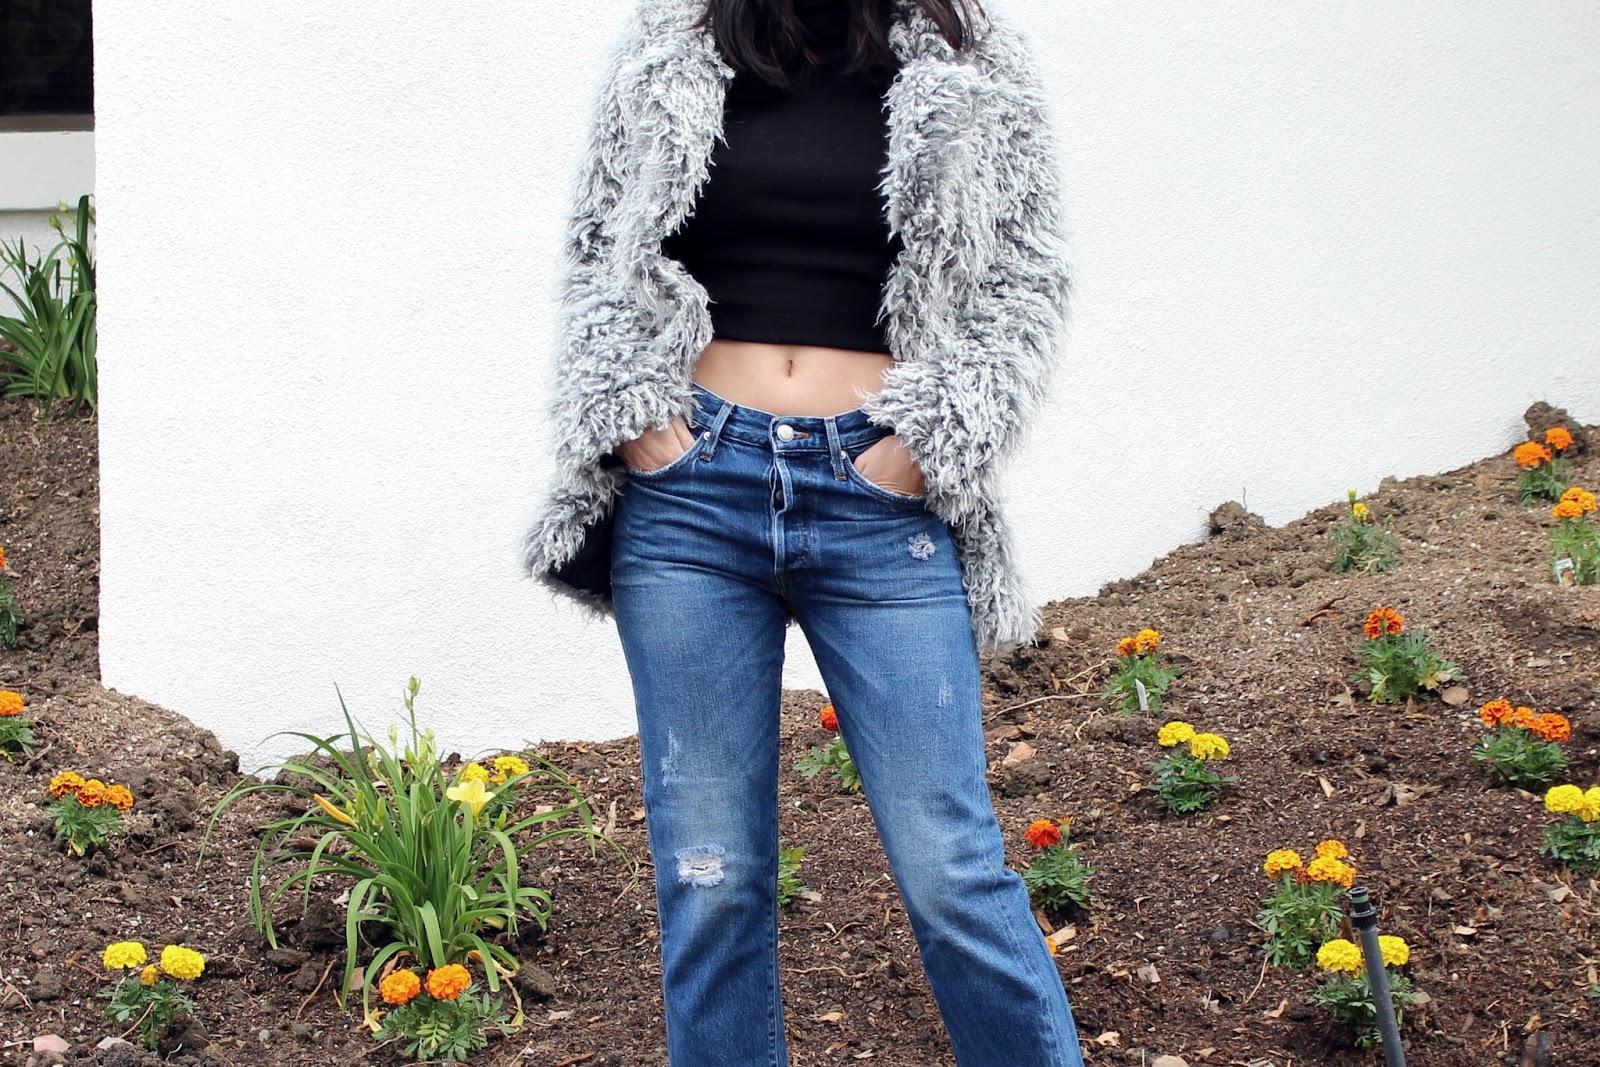 fur shoes, fur heels, vintage jeans, levis 501, faux fur jacket, fur coat, spring 2016, spring trends, street style, tourdestfu, turtleneck, layered outfit